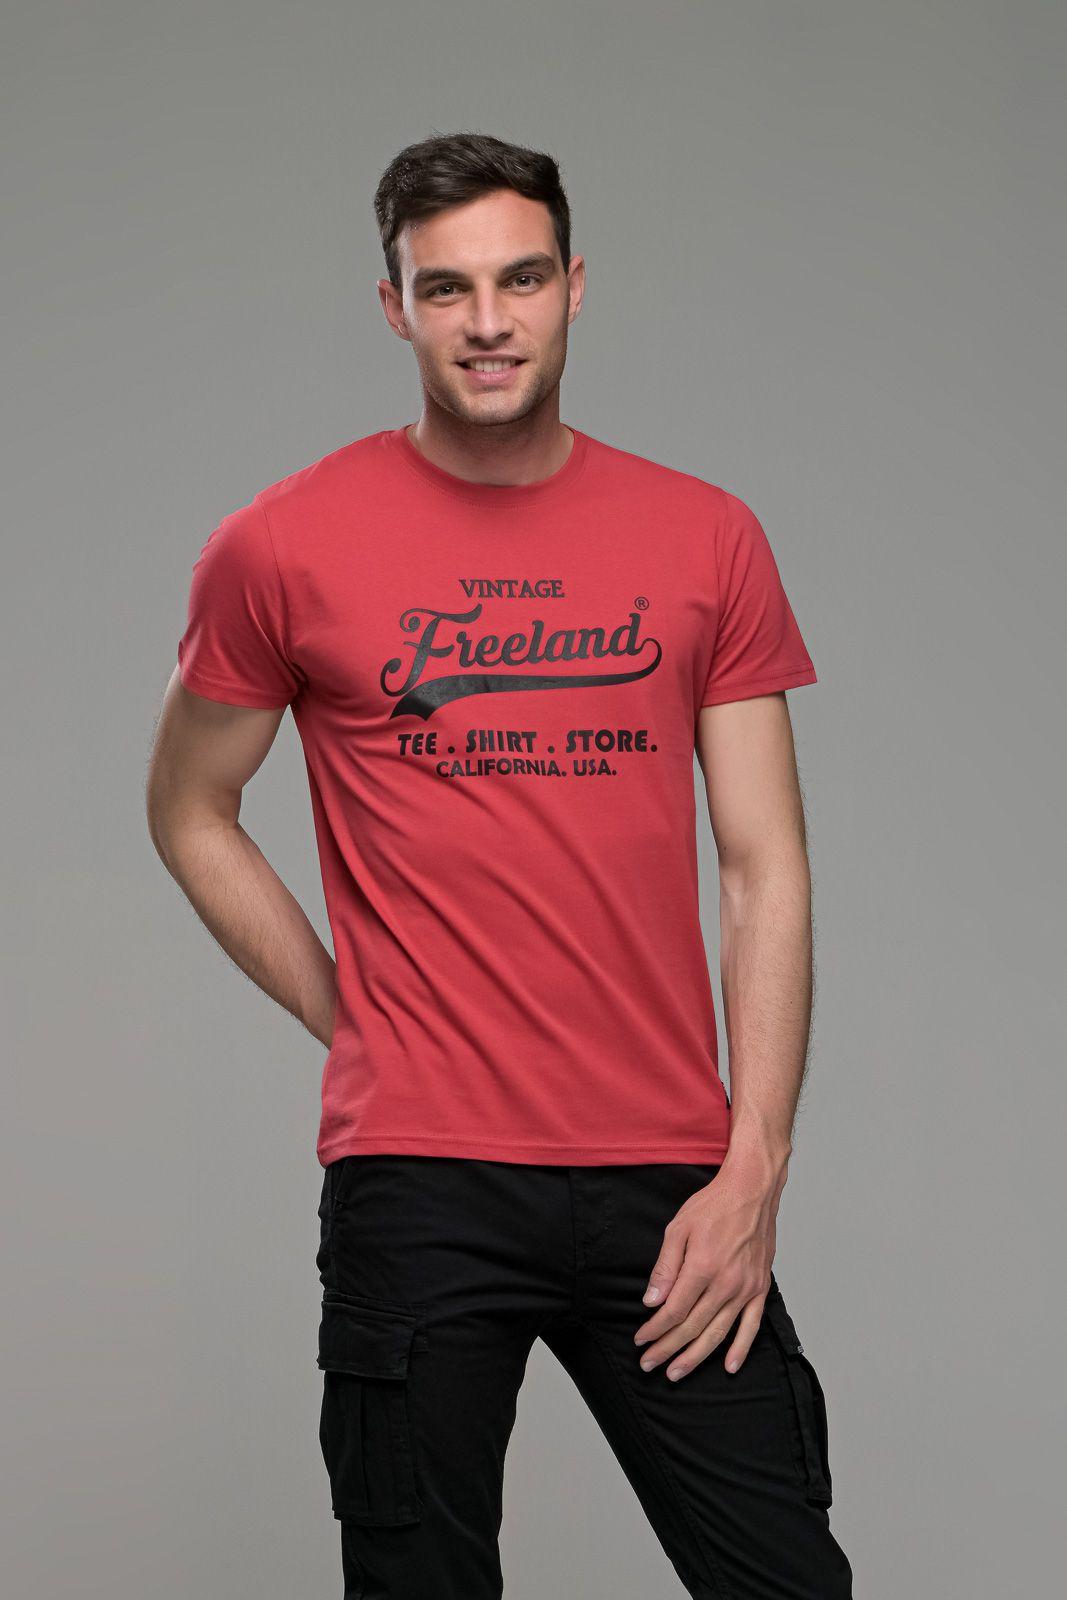 φθηνό casual κόκκινο ανδρικό κοντομάνικο T-SHIRT FR με Στάμπα TEE SHIRT STORE καλοκαιρινό μπλουζάκι